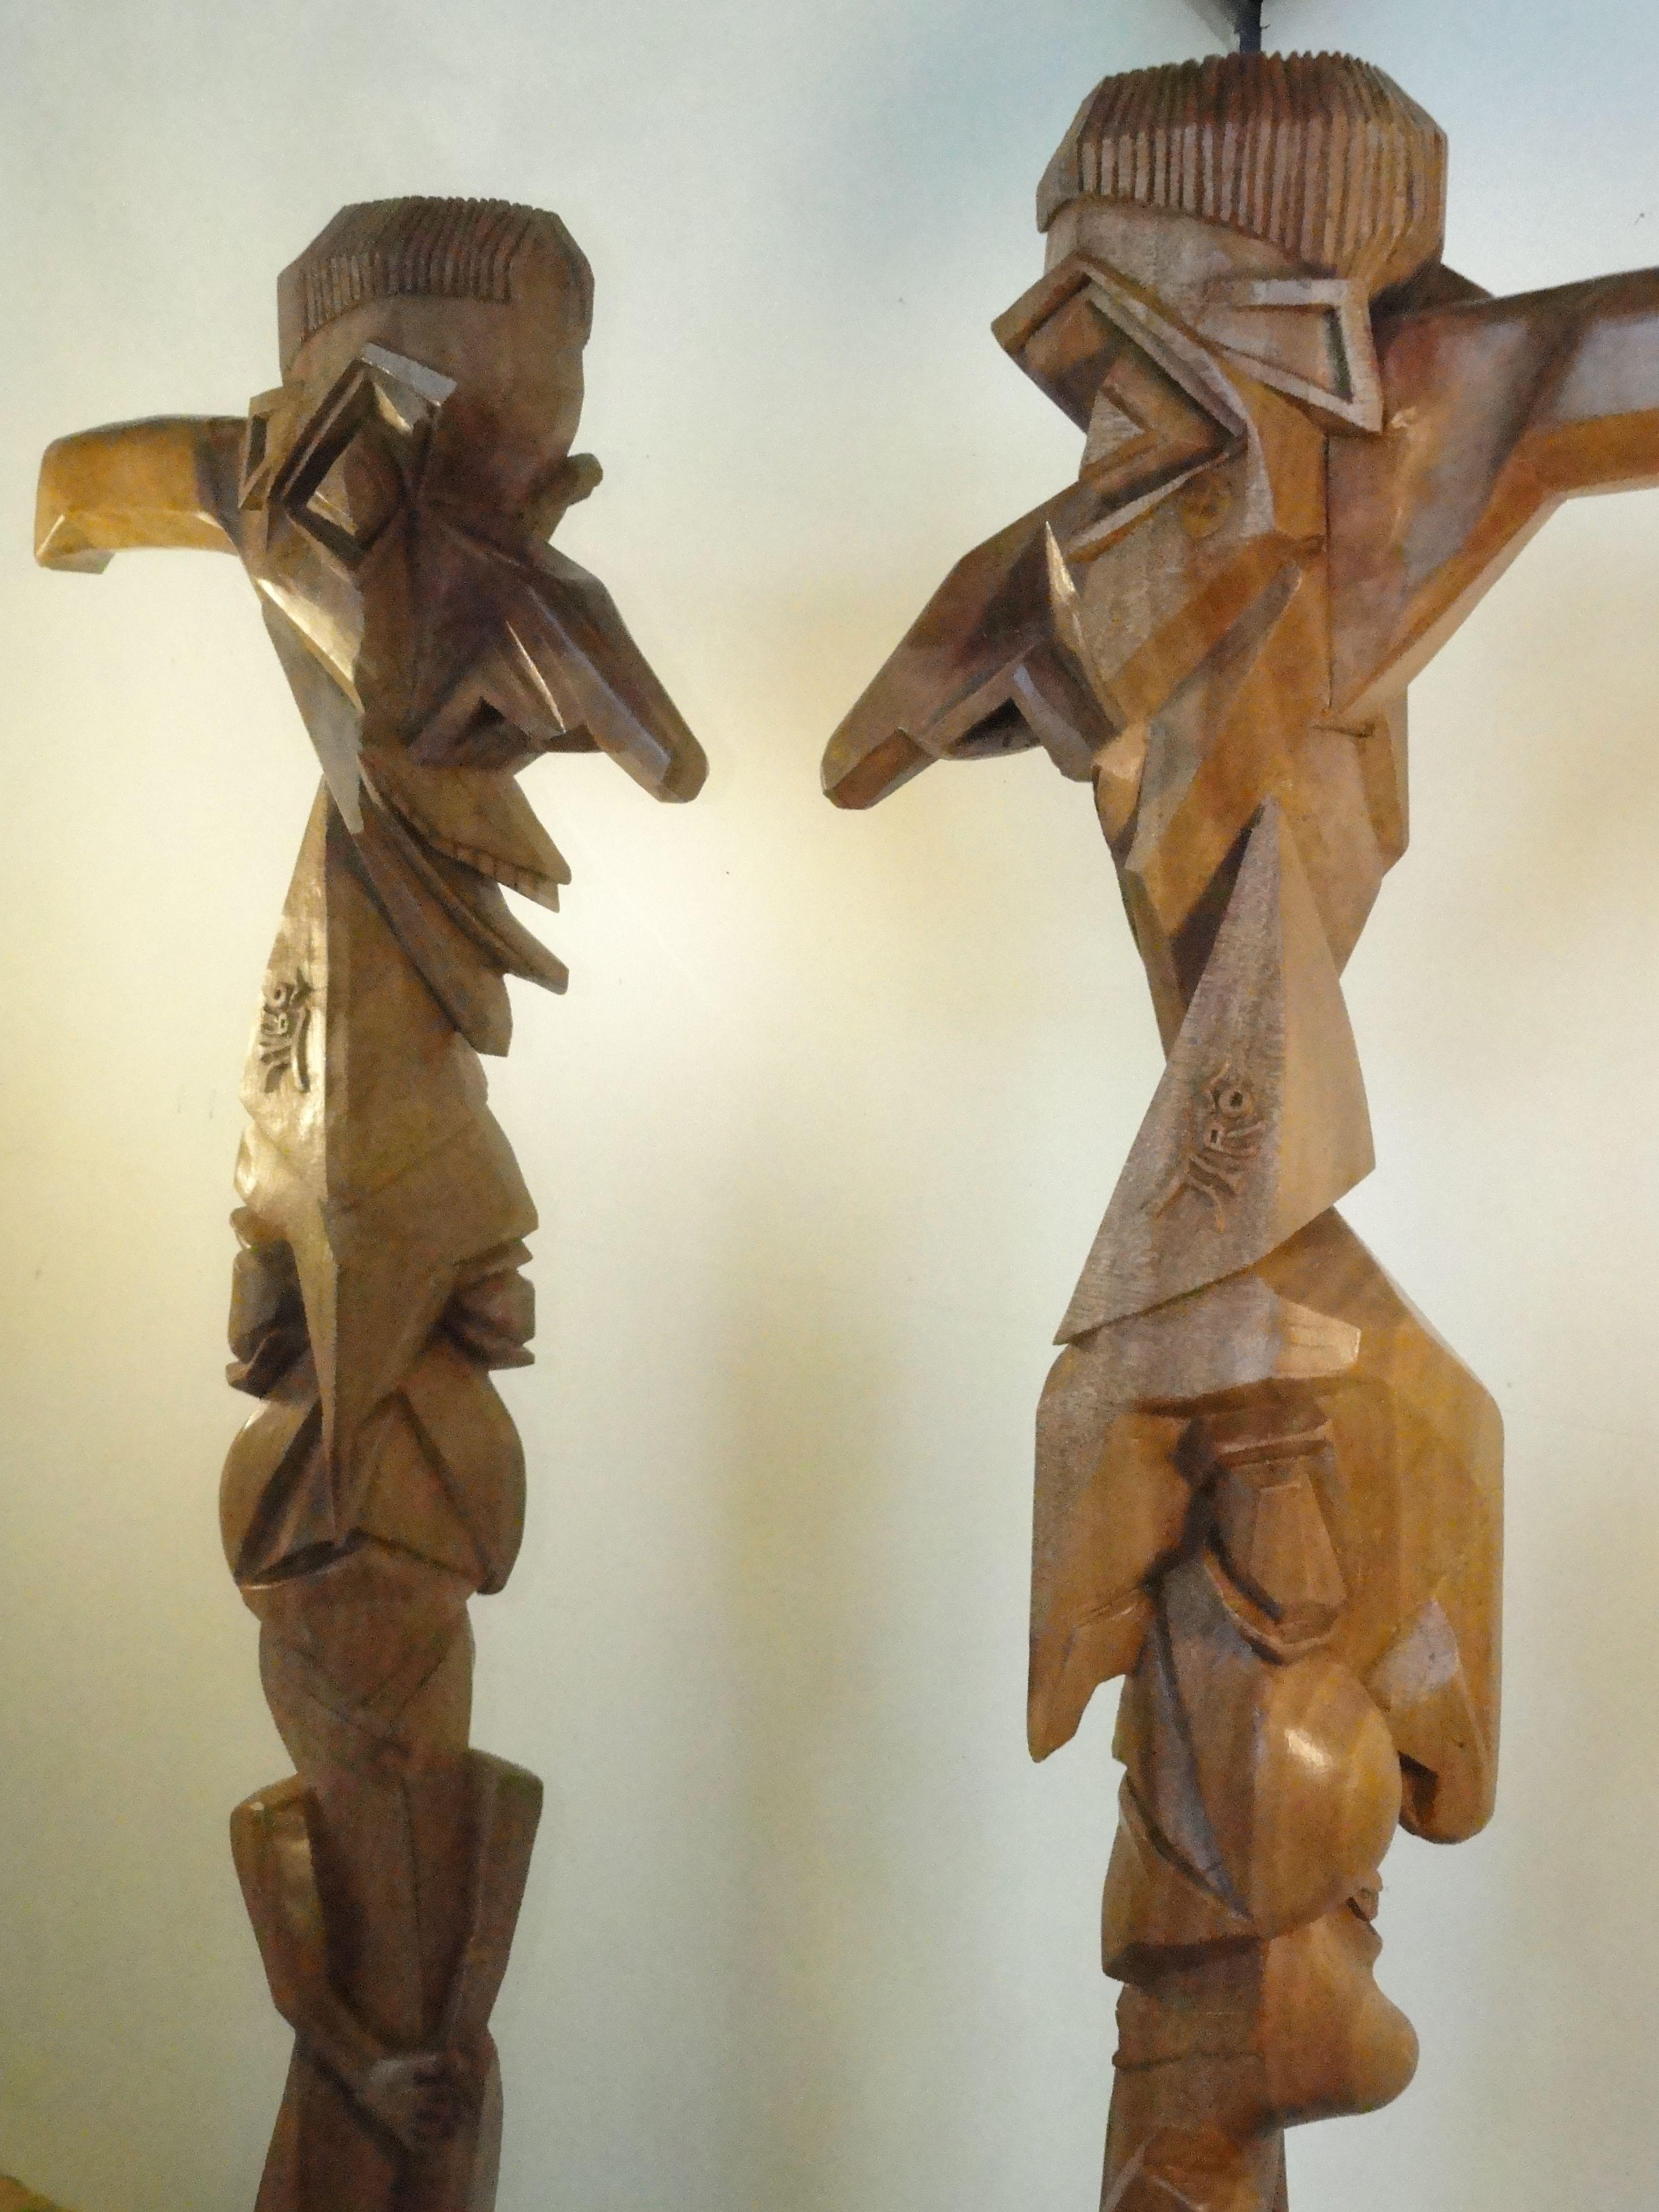 Bâton travaillé dans l' Esprit du Cubisme!... Sculpture Pierre Damiean site: www.pierdam.fr